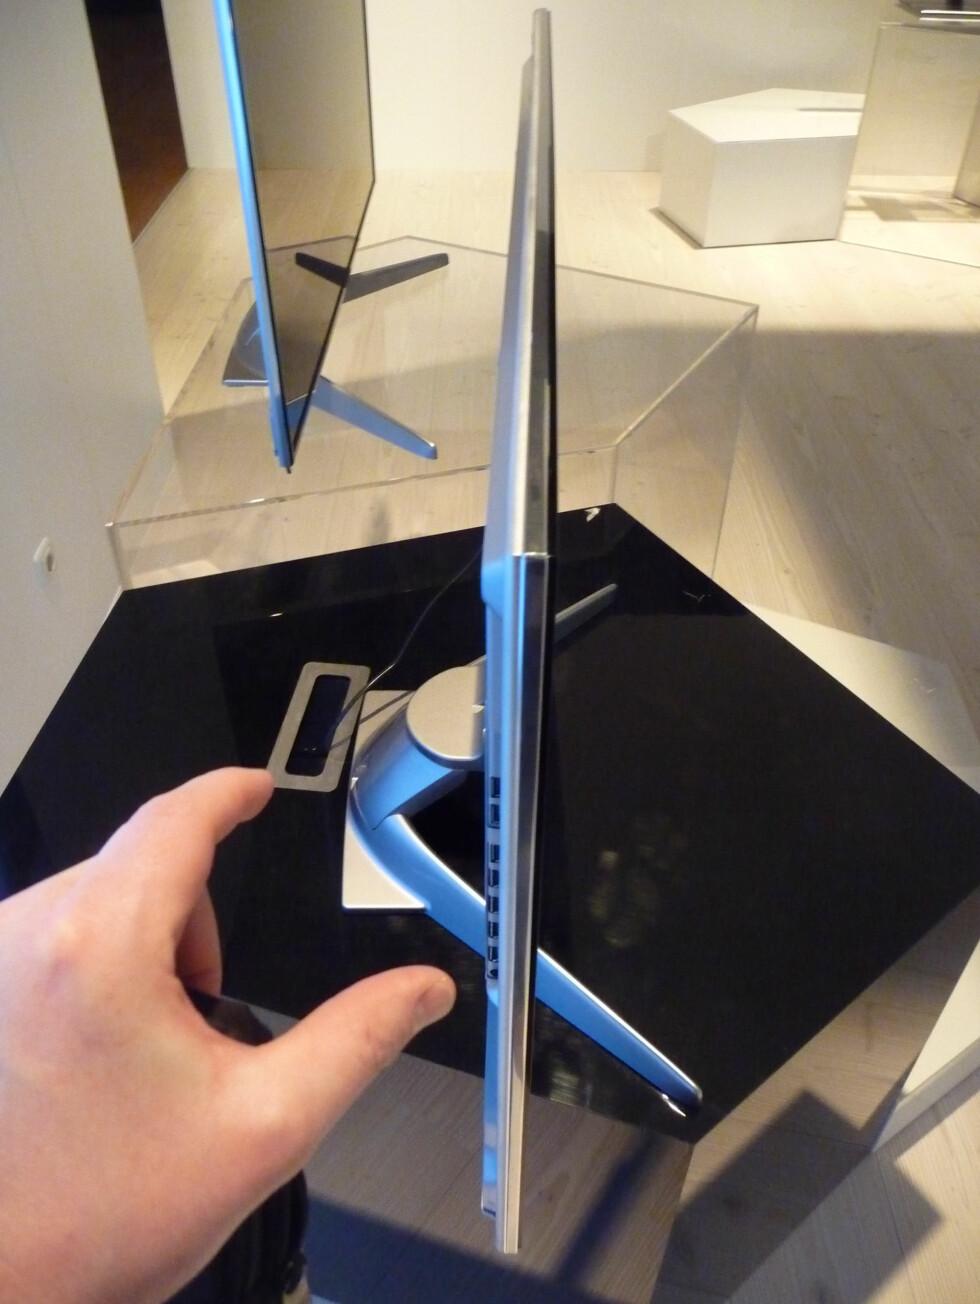 TV-foten bygger dog litt ut, vil du vise fram hvor slank TV-en er, bør du altså henge den på veggen. Foto: Øyvind P